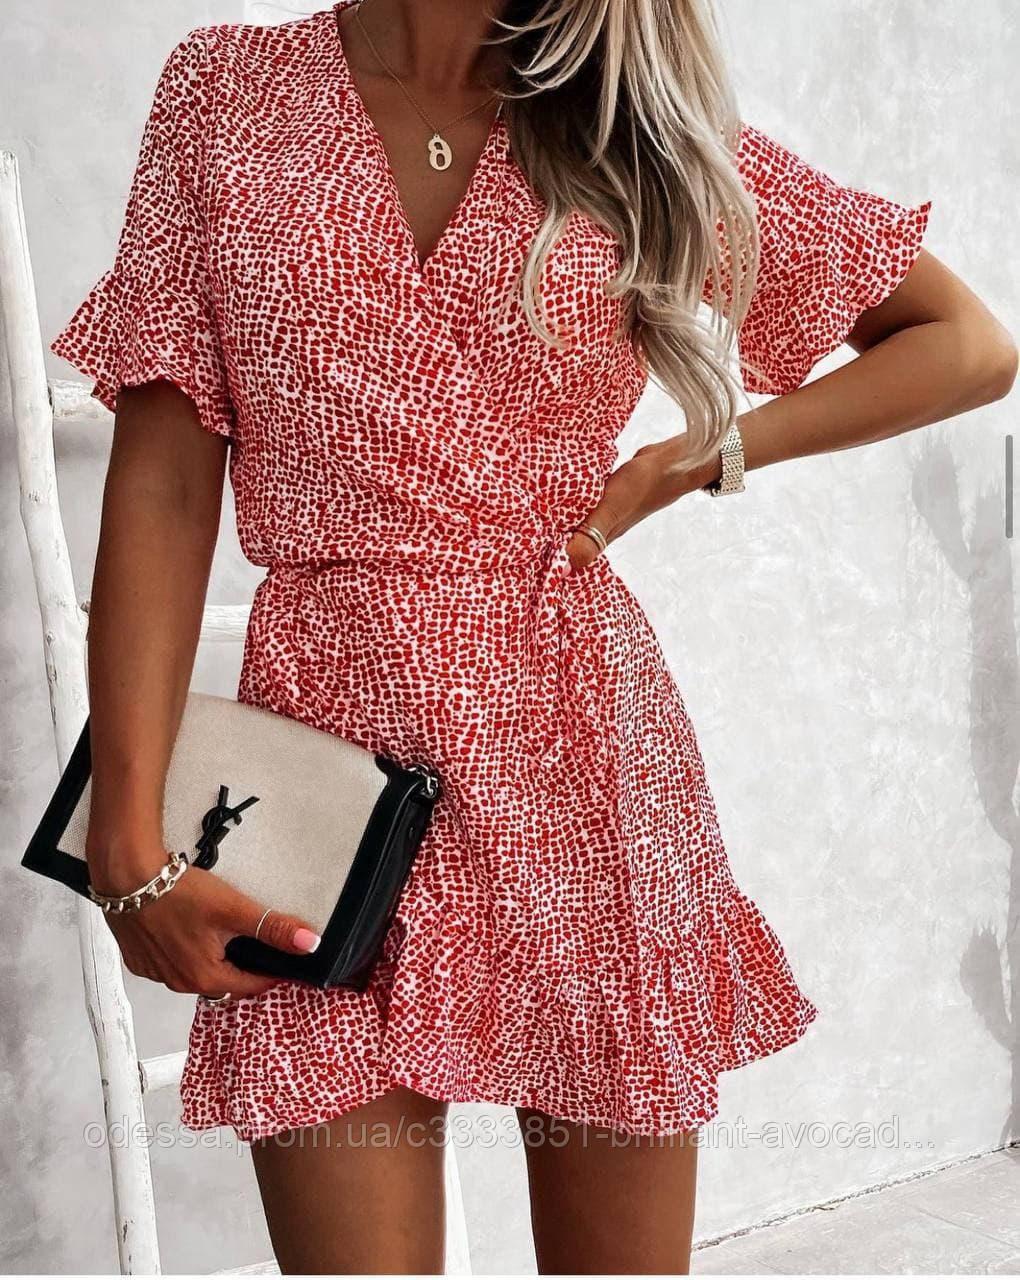 Жіноче стильне міні плаття на запах з квітковим принтом